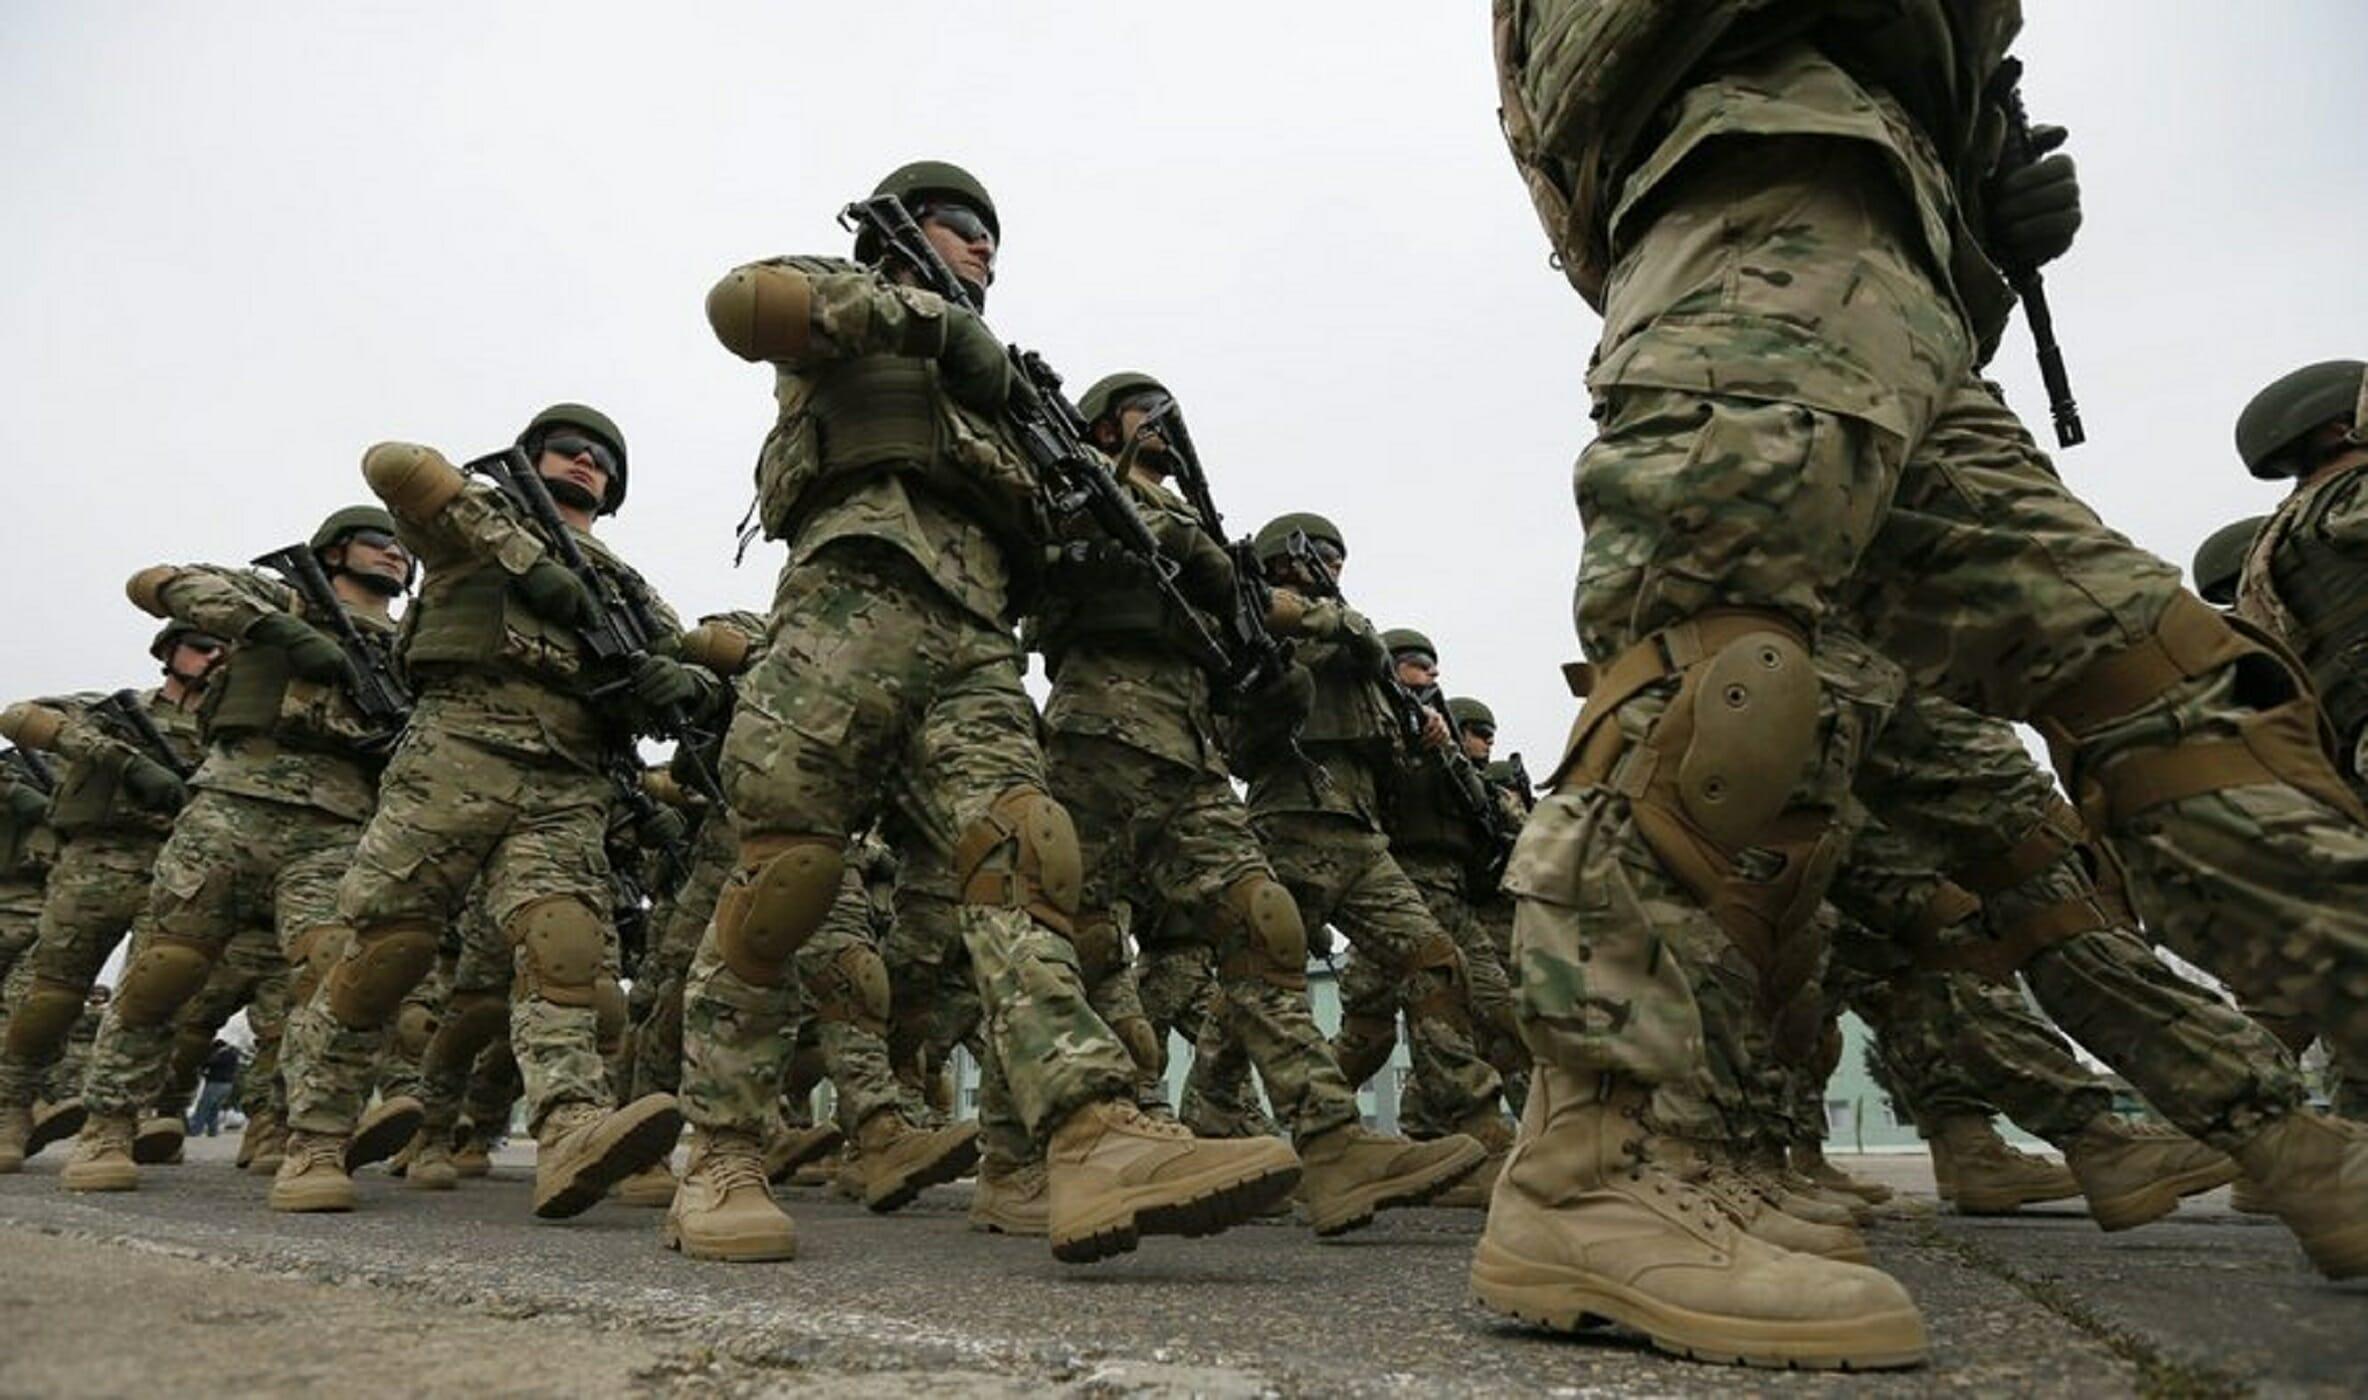 Αφγανιστάν: Ενδεχόμενο αποχώρησης και των στρατευμάτων του ΝΑΤΟ